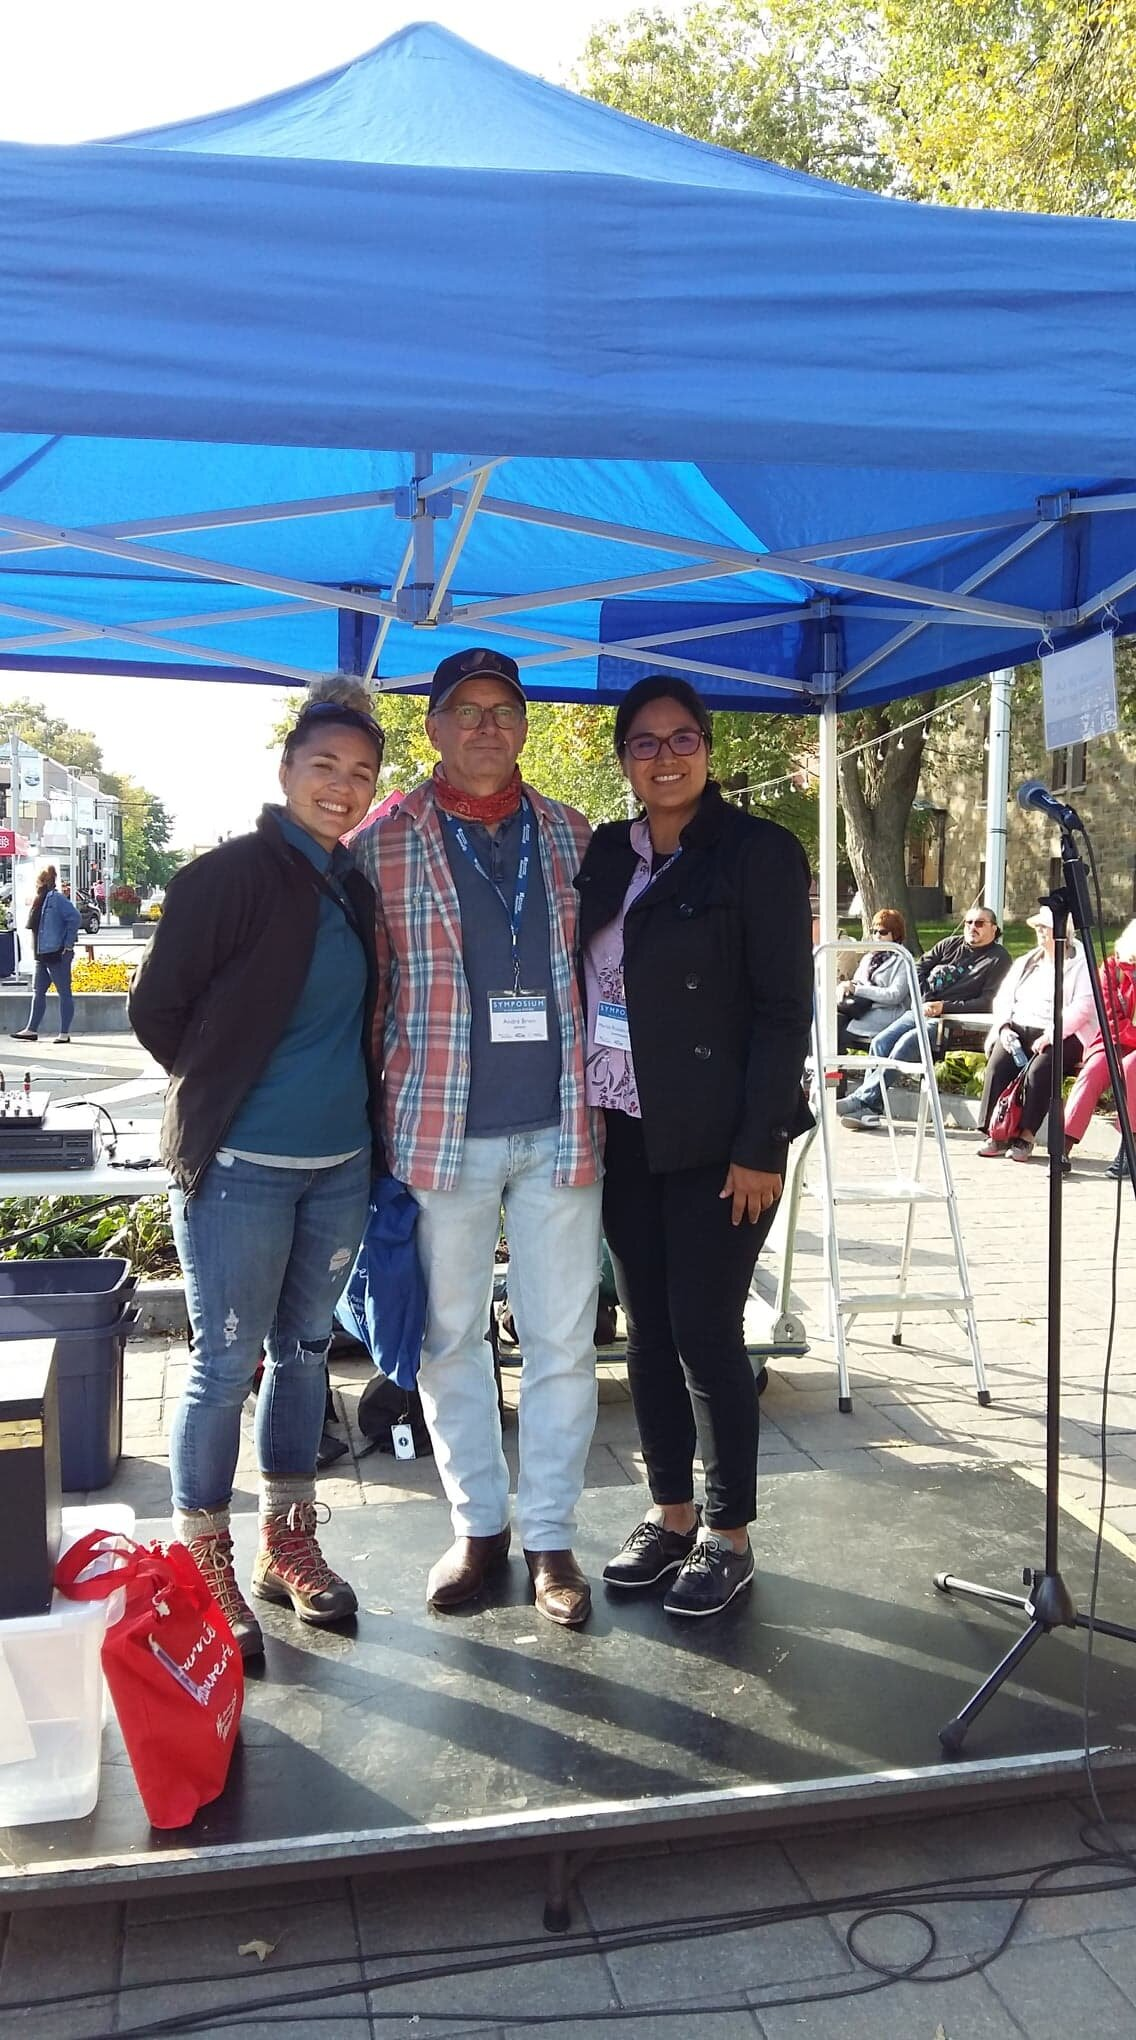 Symposium RdP/PAT IV Prix de la commissaire en compagnie de la commissaire  Mariza Gonzales Argonza  (à droite) et de l'agente culturel Julie Jacob à gauche.